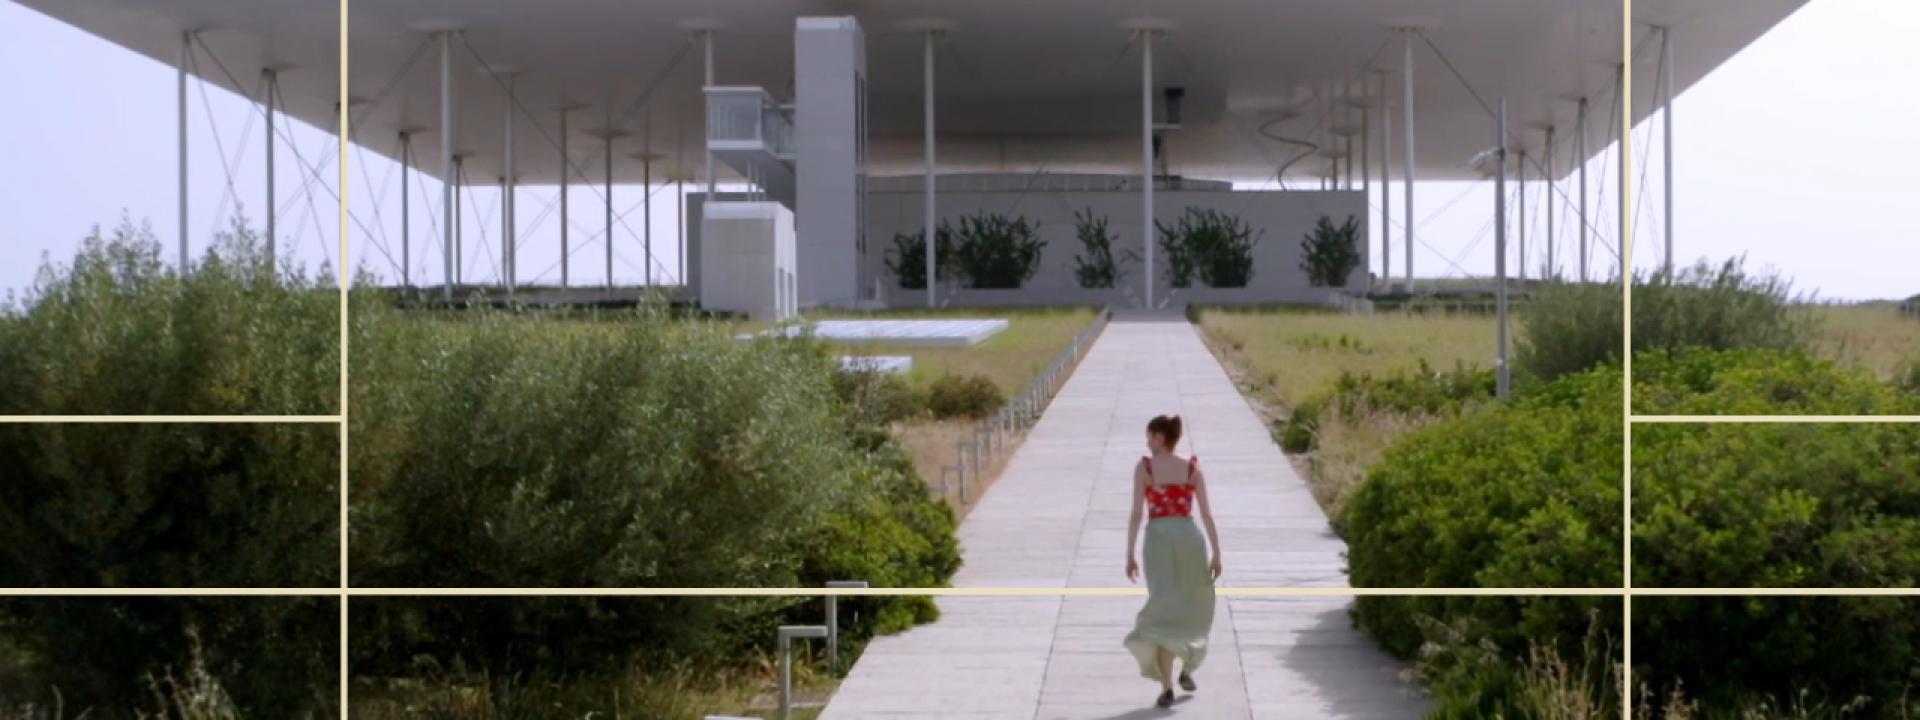 """Φωτογραφία από την ηθοποίο Κόρα Καρβούνη στο Πάρκο Σταύρος Νιάρχος, στο πλαίσιο της σειράς """"Μια Βόλτα στο Πάρκο"""""""